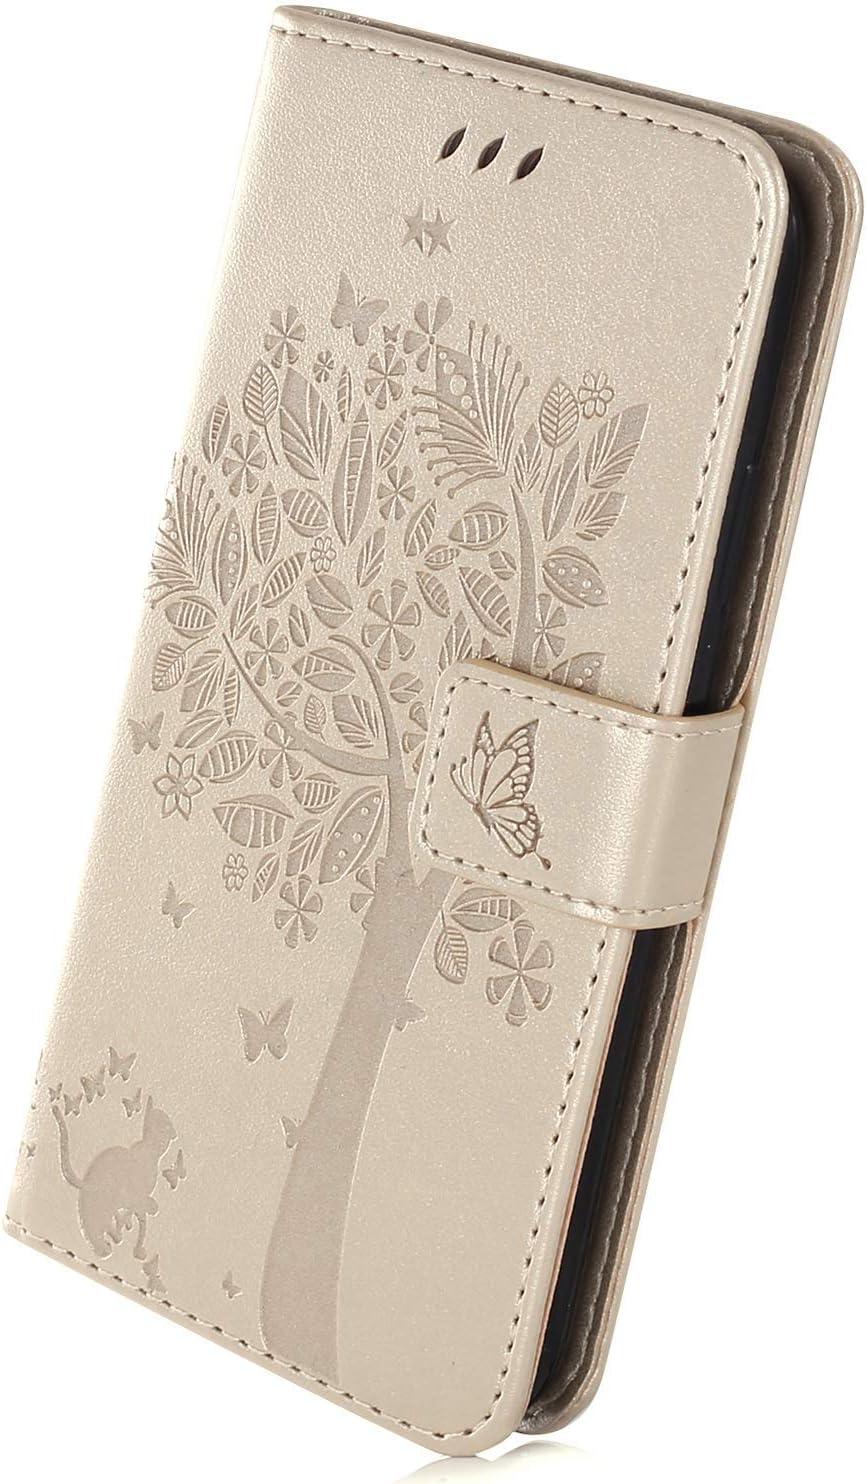 Gold Herbests Kompatibel mit Huawei Mate 20 Lite H/ülle Handyh/ülle Wallet Flip Case Cover Handy-Tasche Pr/ägung Baum Katze Schmetterling Leder H/ülle Tasche Schutzh/ülle Magnetisch Klapph/ülle